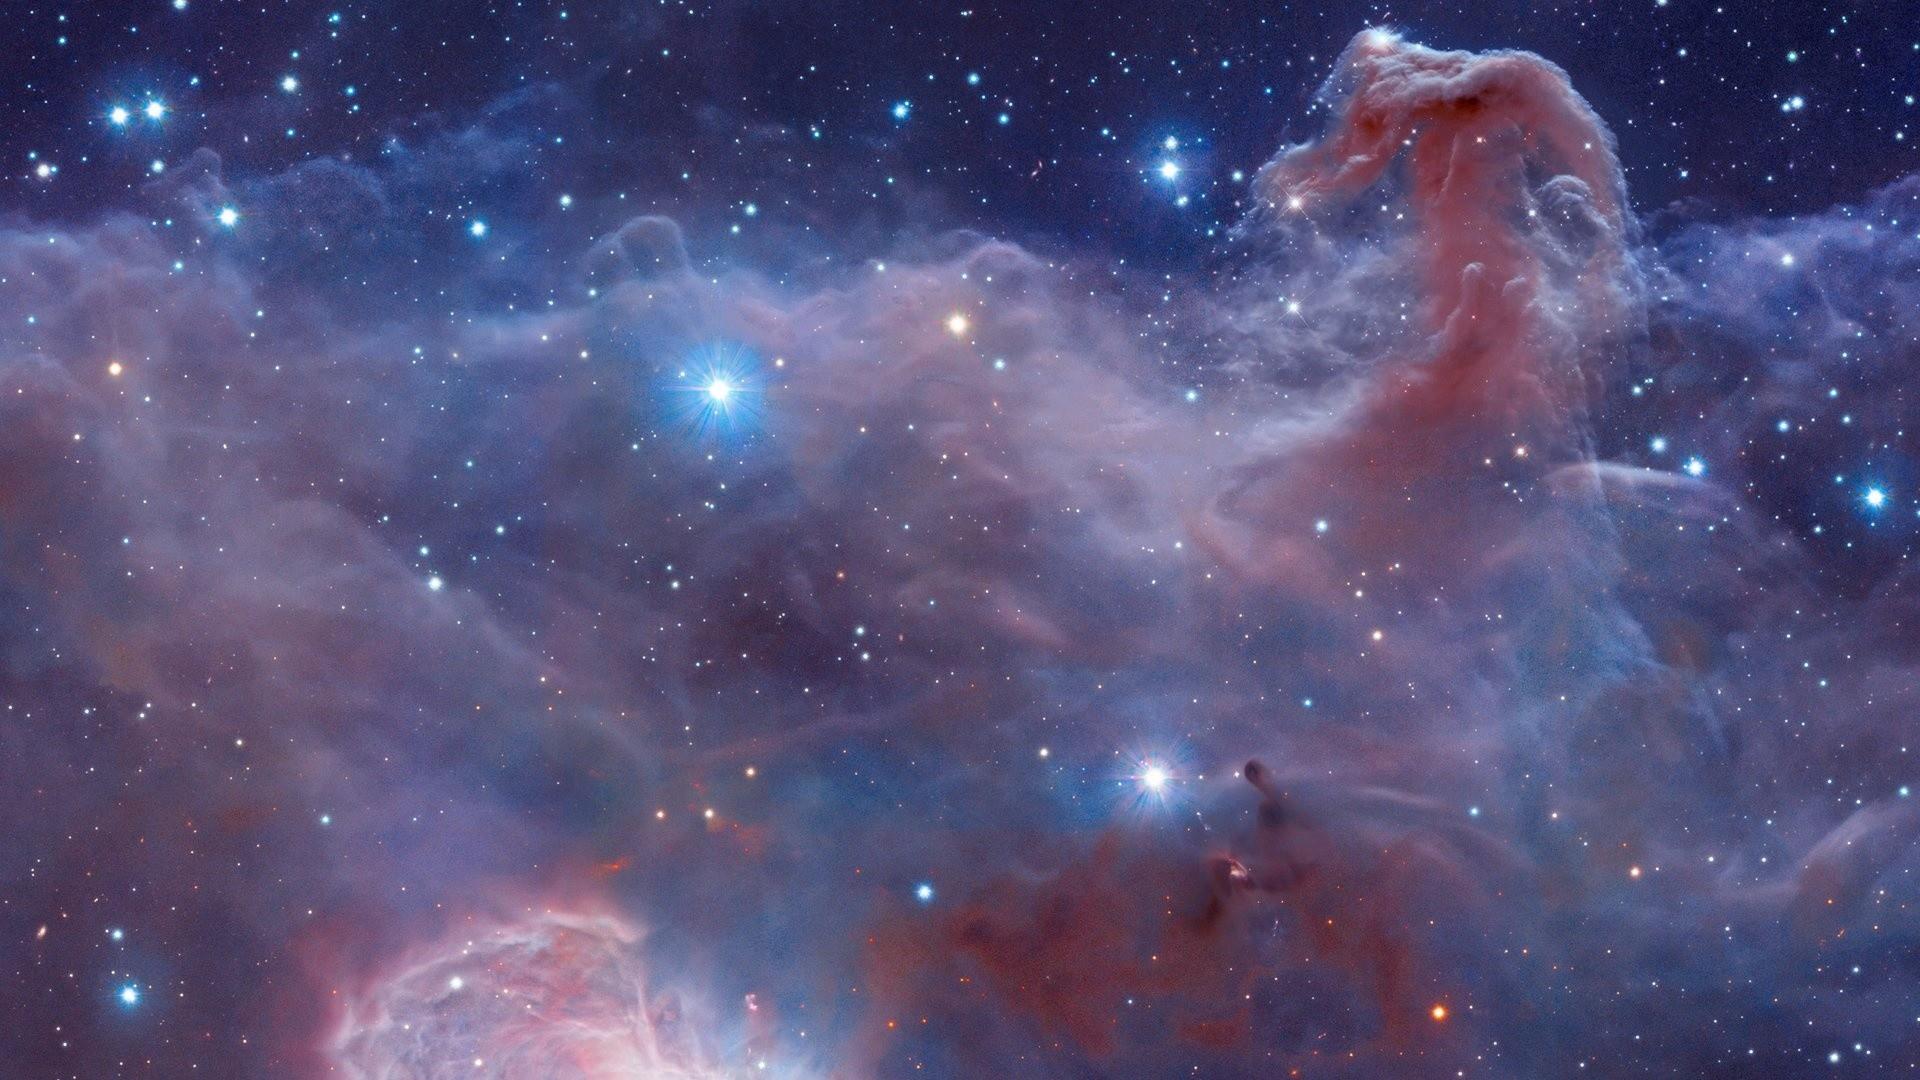 1920x1080 Eagle Nebula Amazing Wallpaper